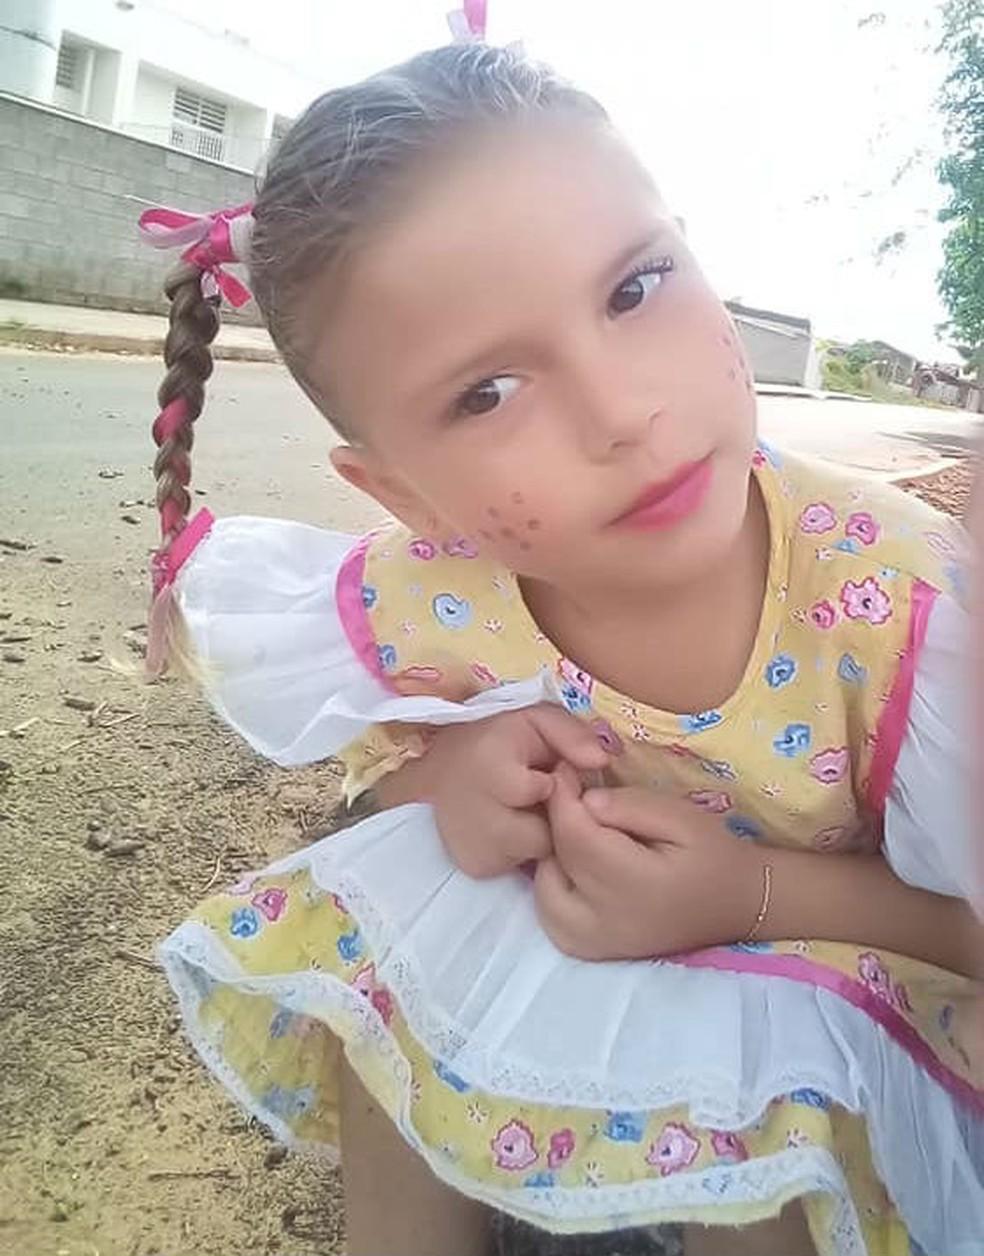 Yasmin Lemos Campos, de 4 anos, morreu após ser picada por um escorpião no quintal de sua casa em Cabrália Paulista — Foto: Arquivo pessoal